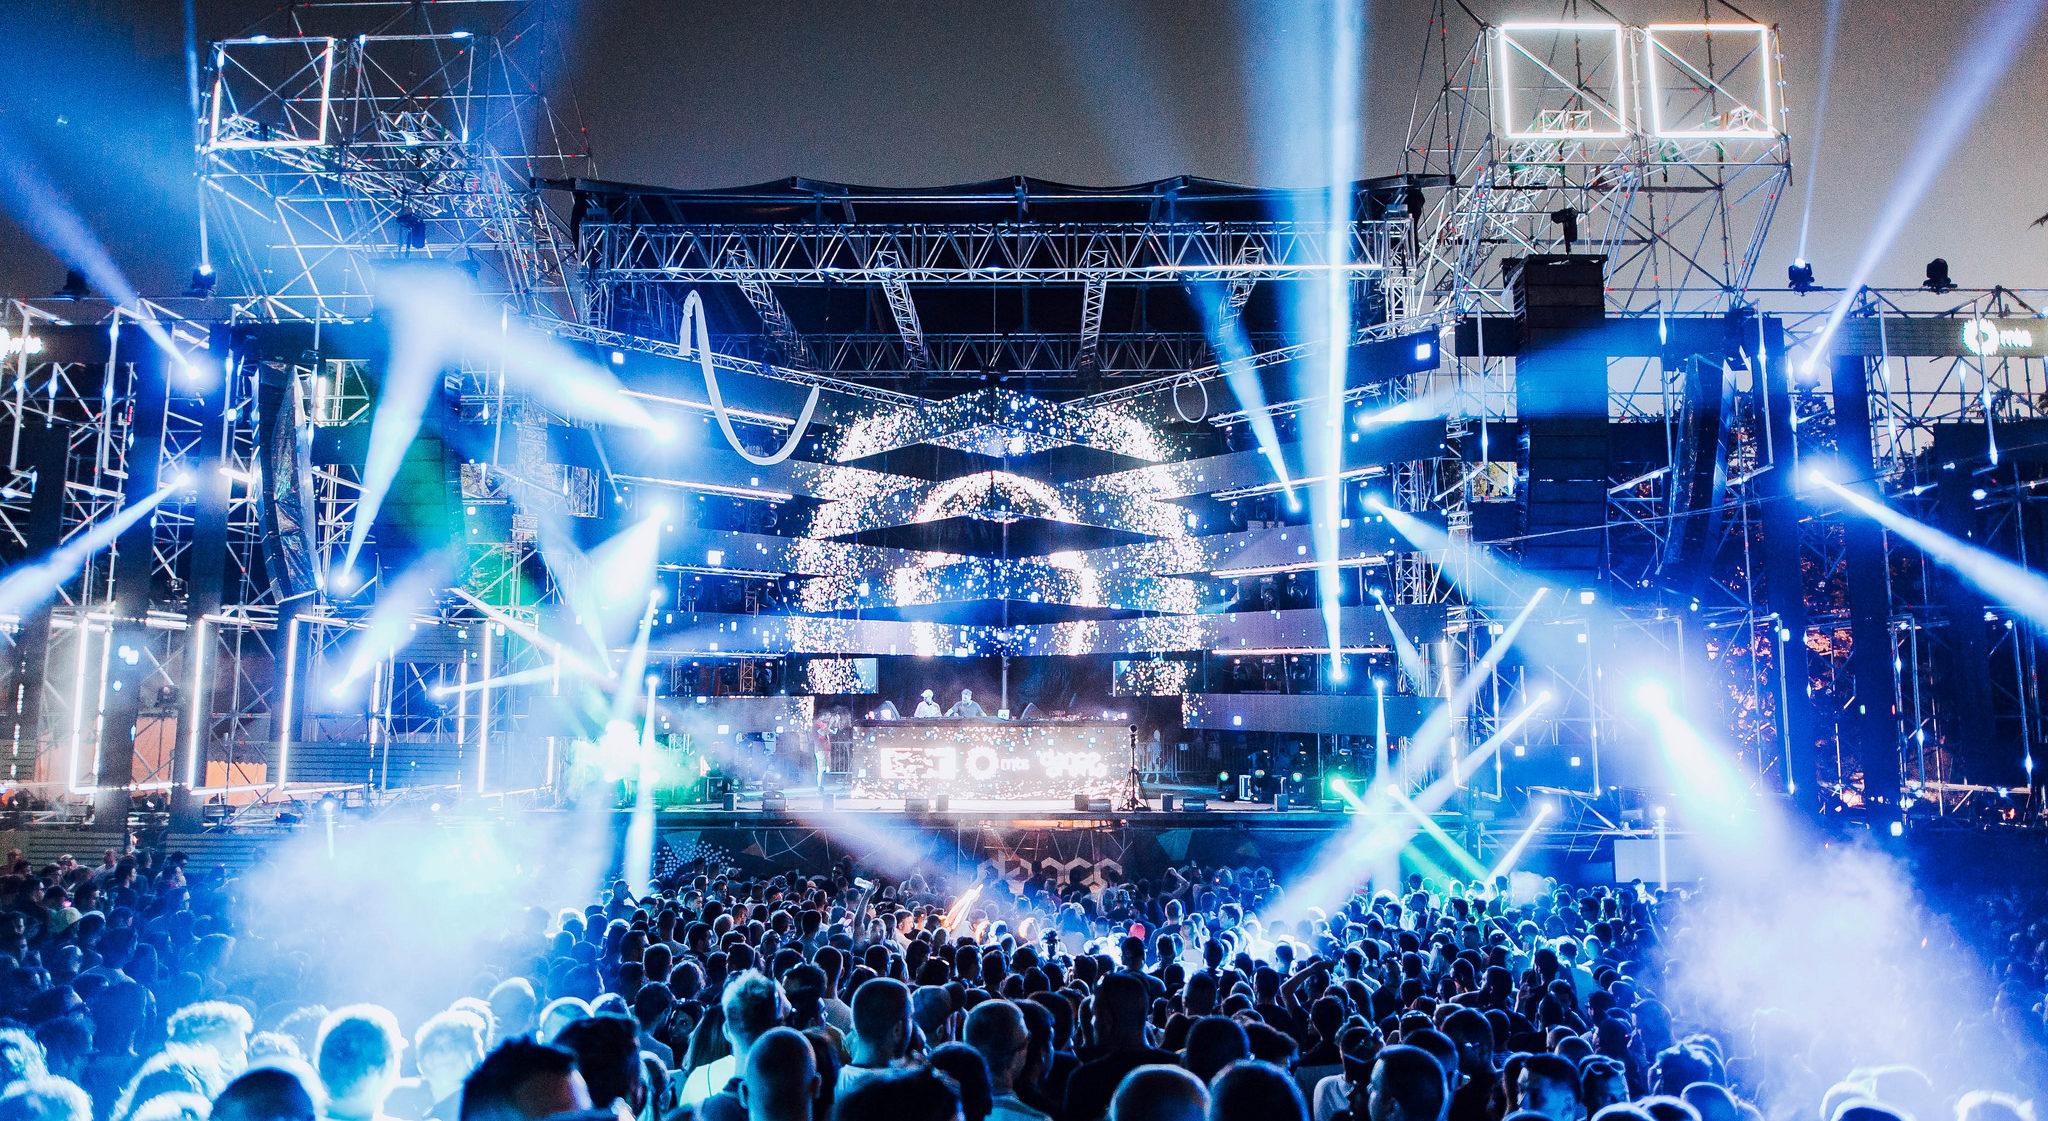 Музыкальный фестиваль EXIT 2019